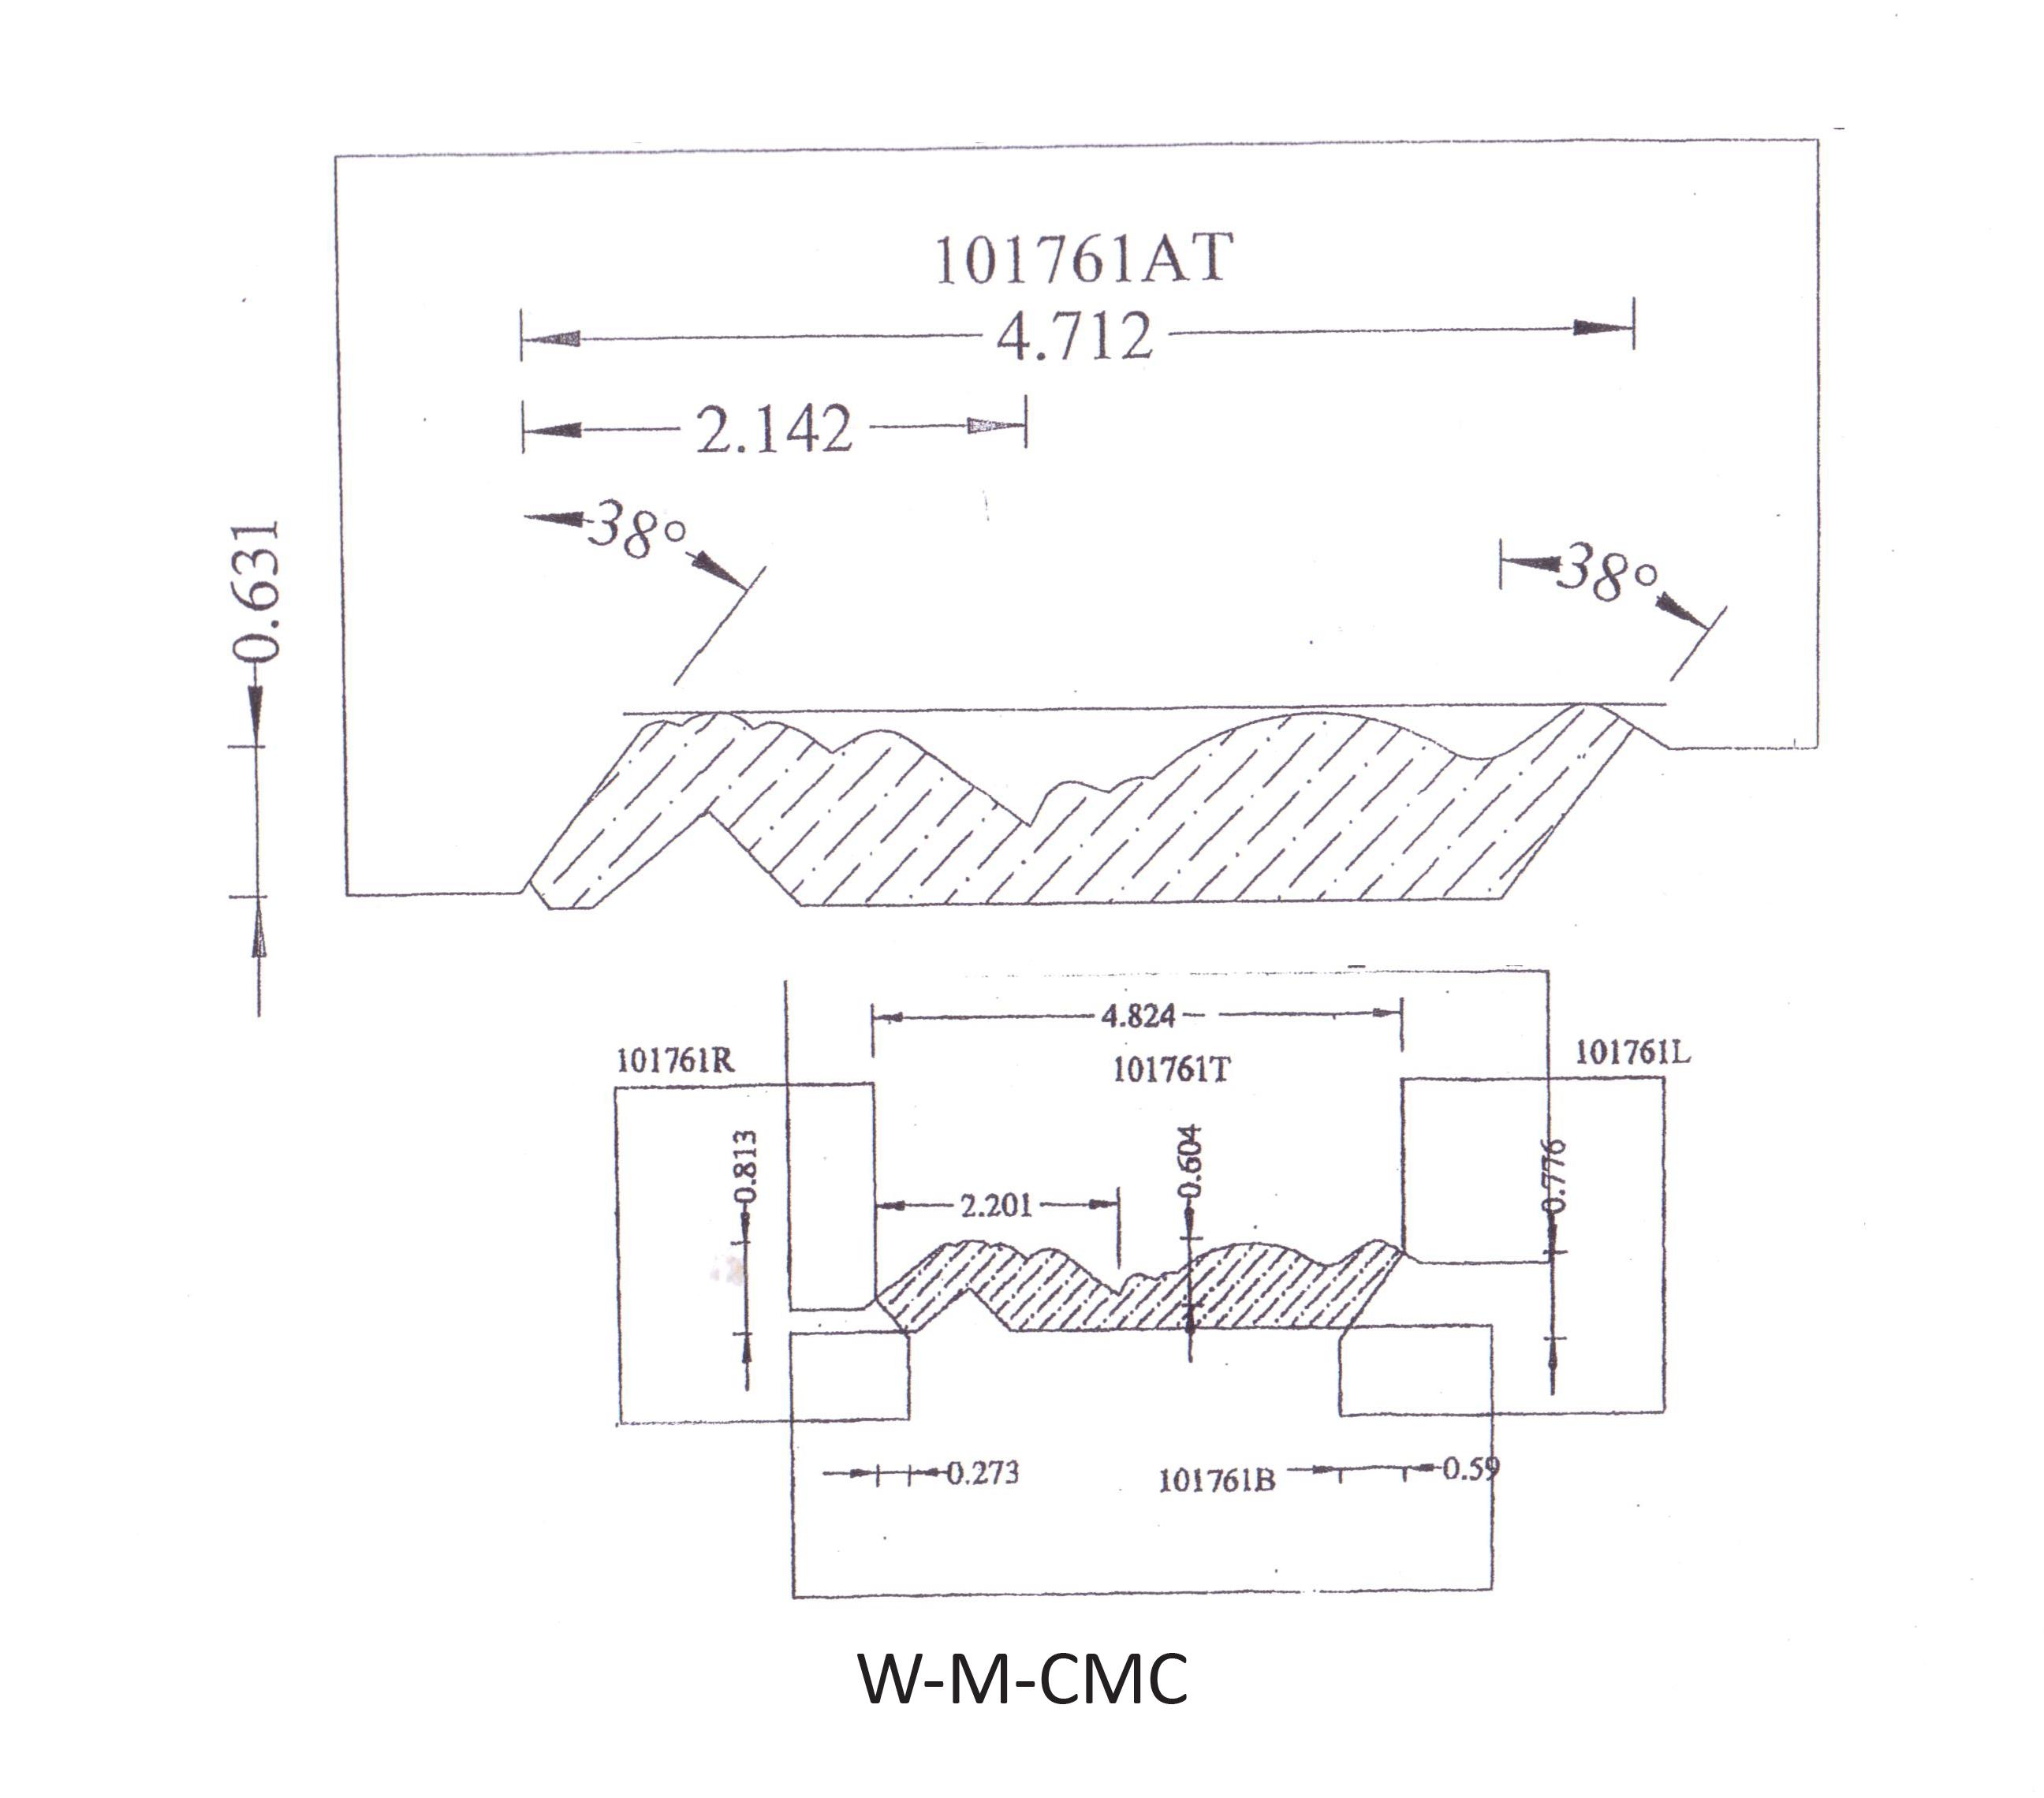 W-M-CMC5